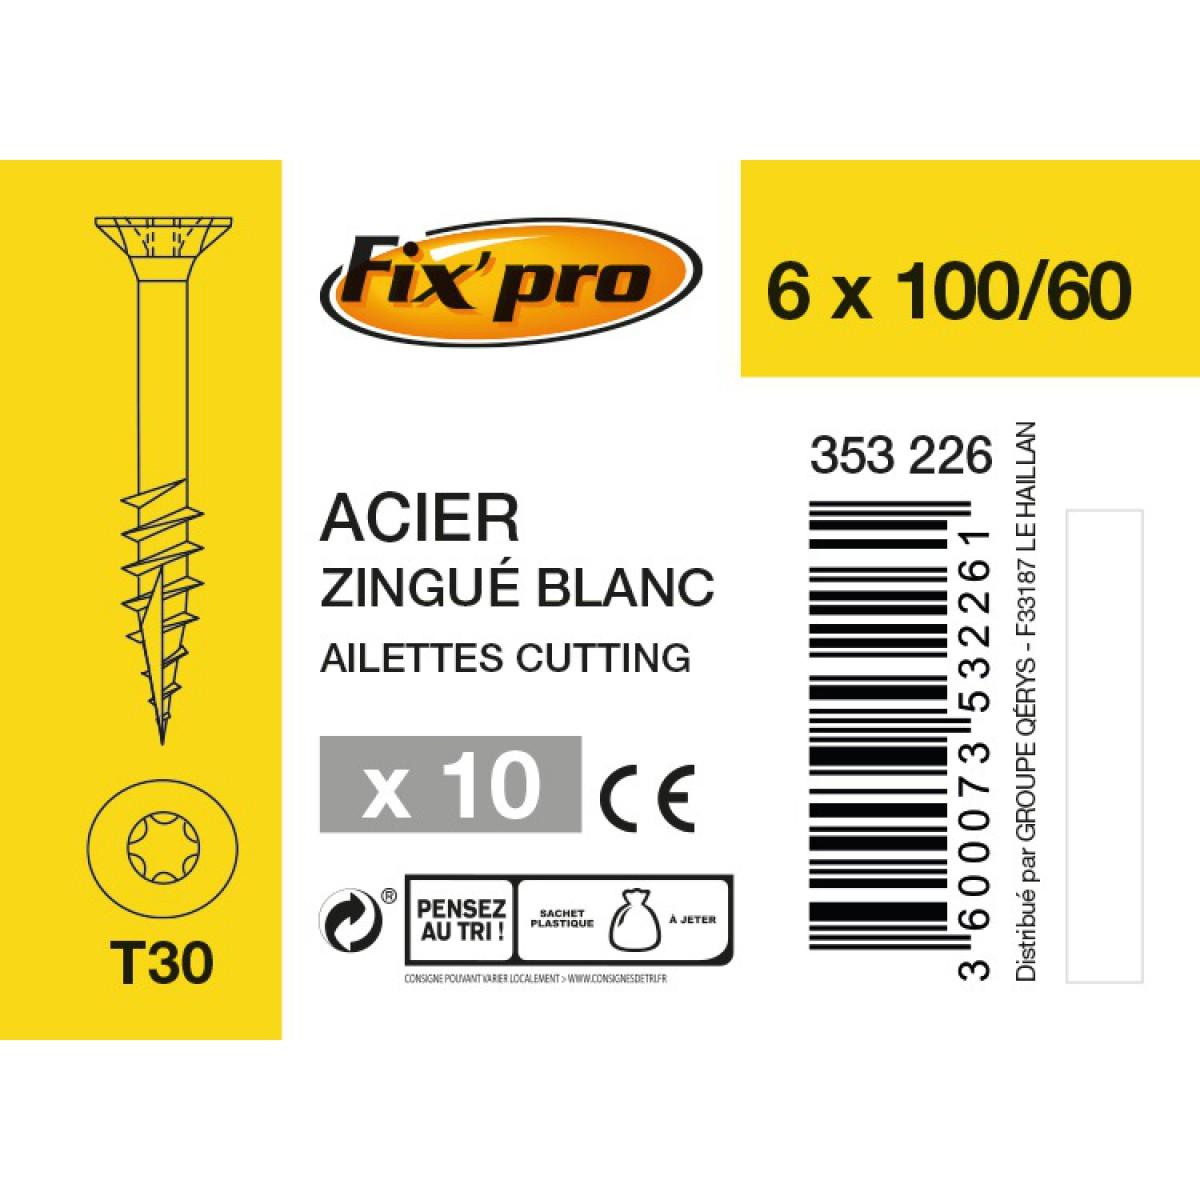 Vis à bois tête fraisée TX - 6x100/60 - 10pces - Fixpro